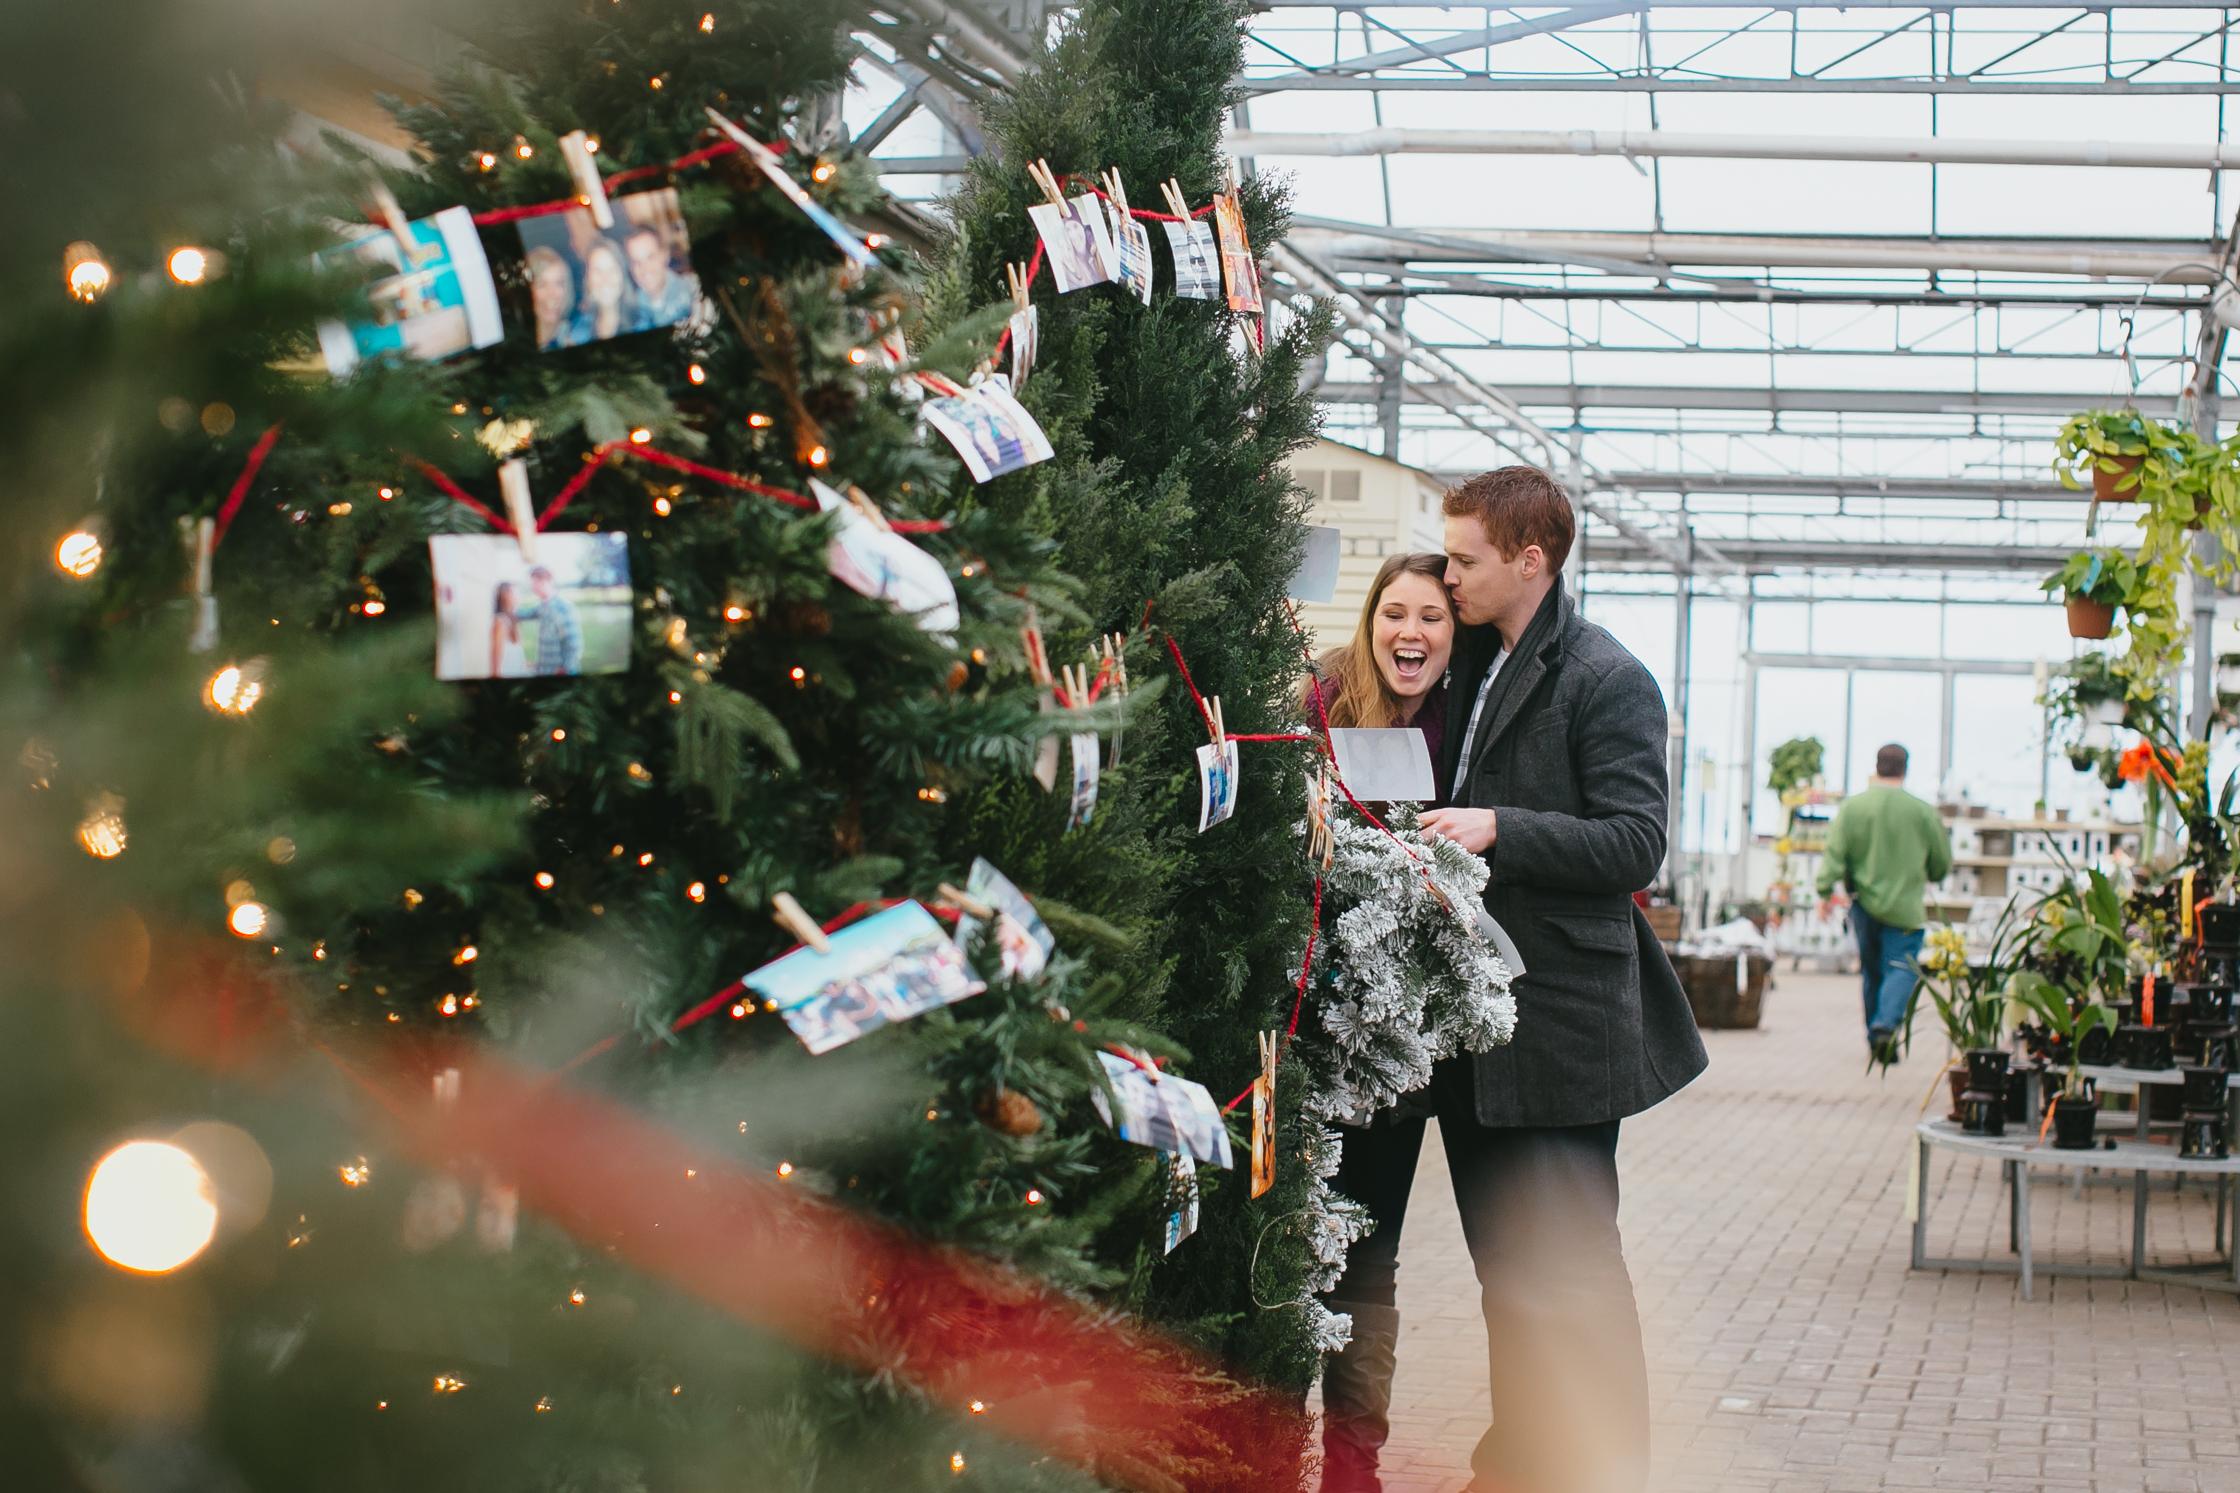 engaged at christmas